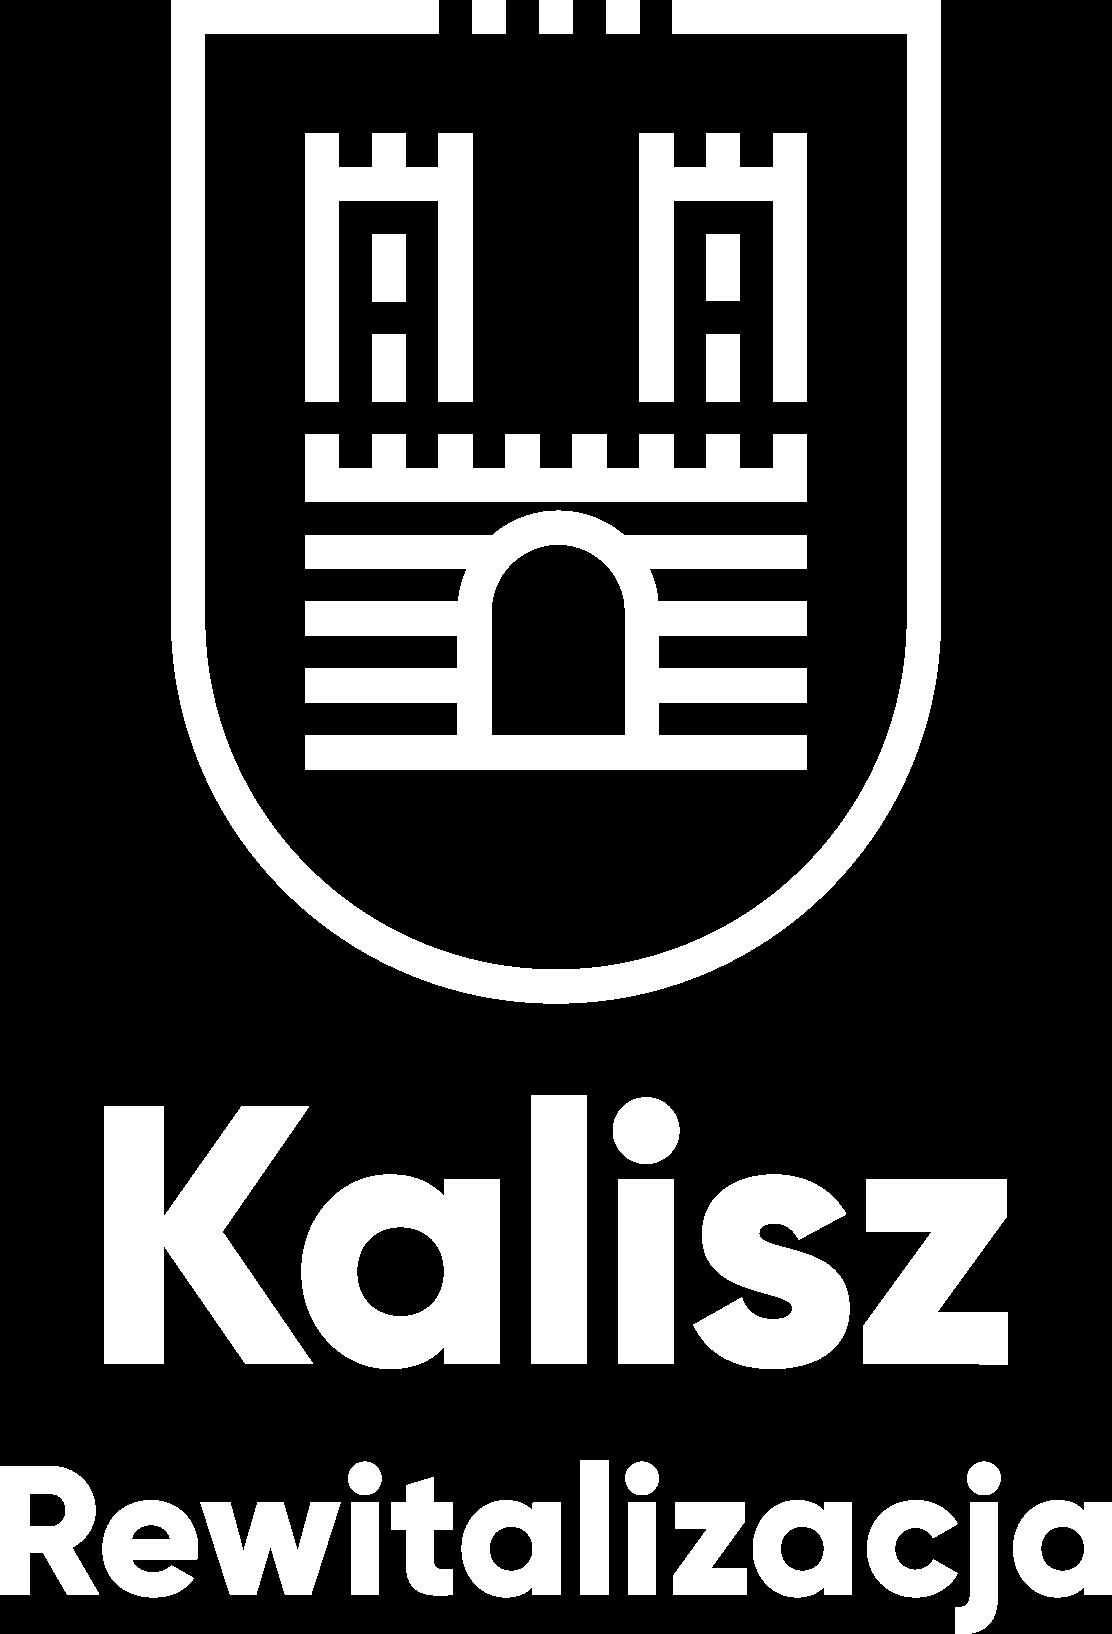 Rewitalizacja Kalisz